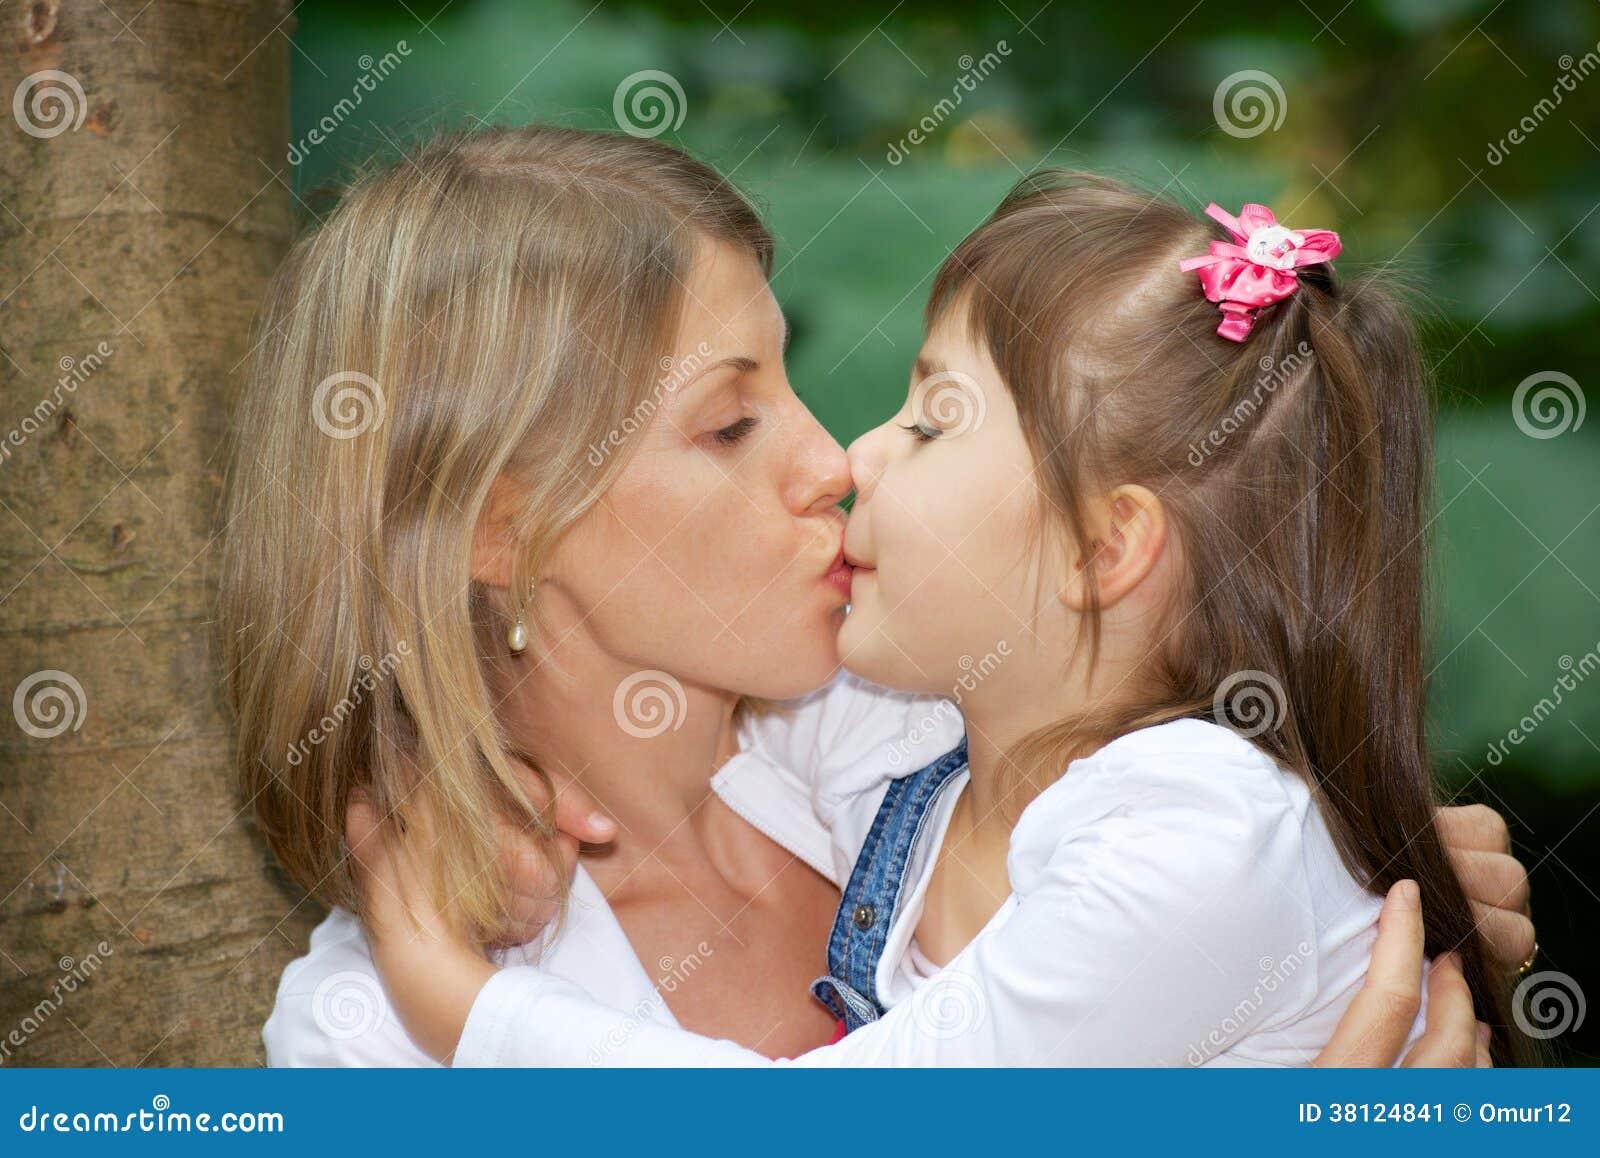 Мать и дочь целуются